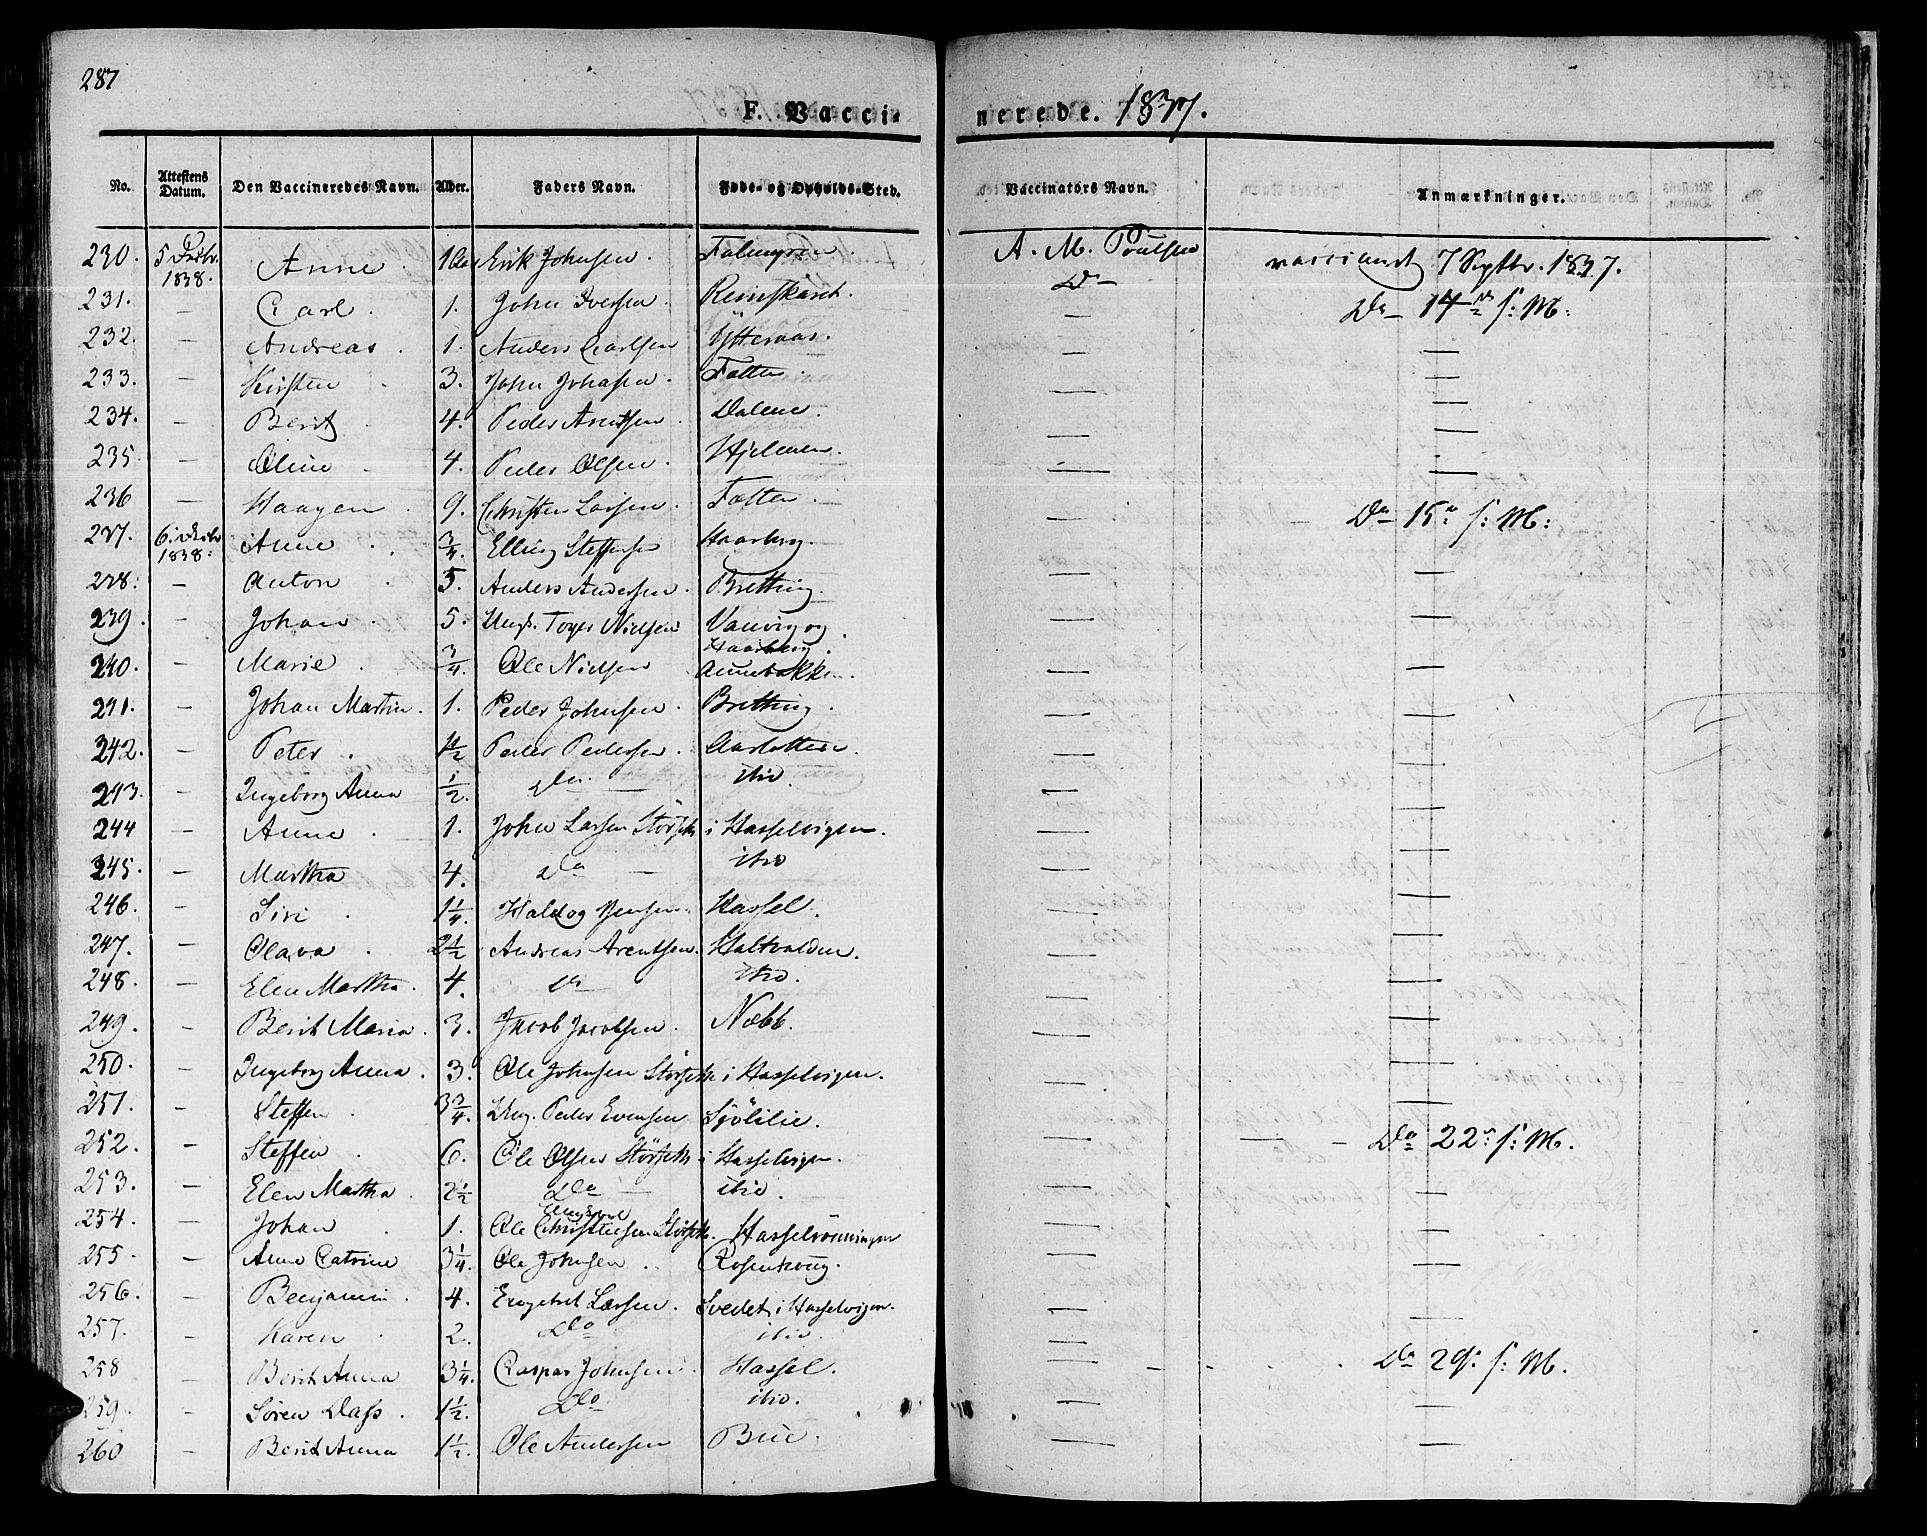 SAT, Ministerialprotokoller, klokkerbøker og fødselsregistre - Sør-Trøndelag, 646/L0609: Ministerialbok nr. 646A07, 1826-1838, s. 287